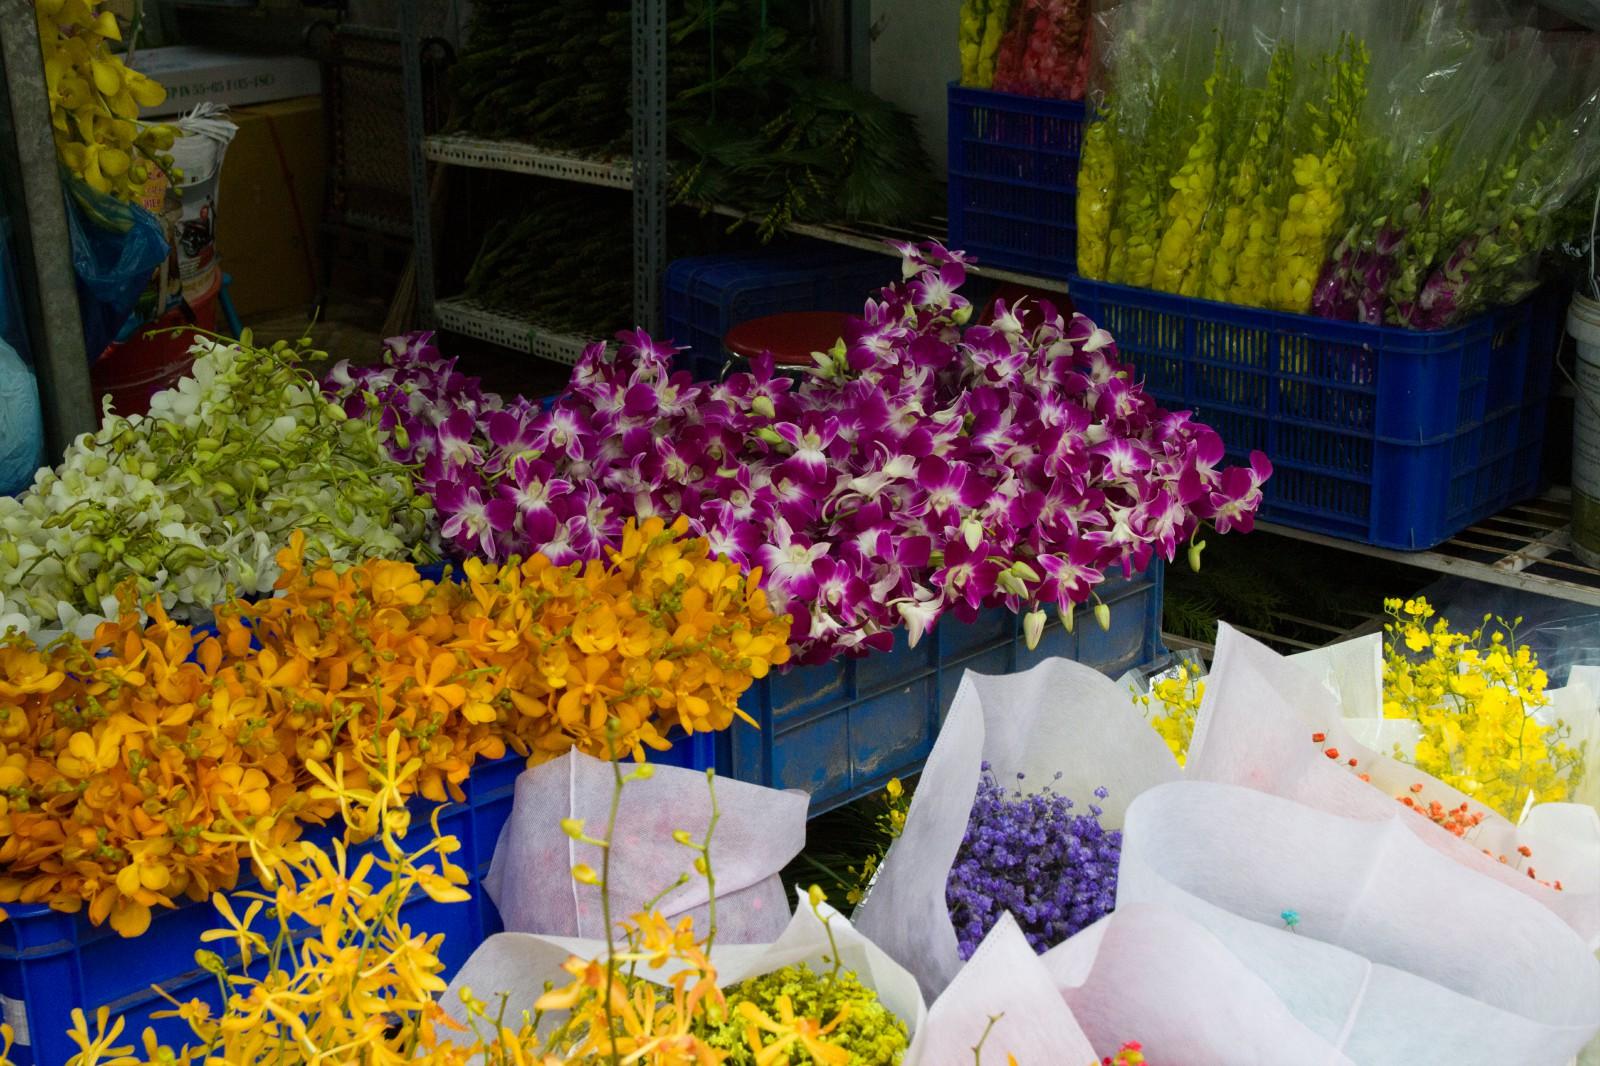 orchids roses dandelions sunflowers lilies saigon